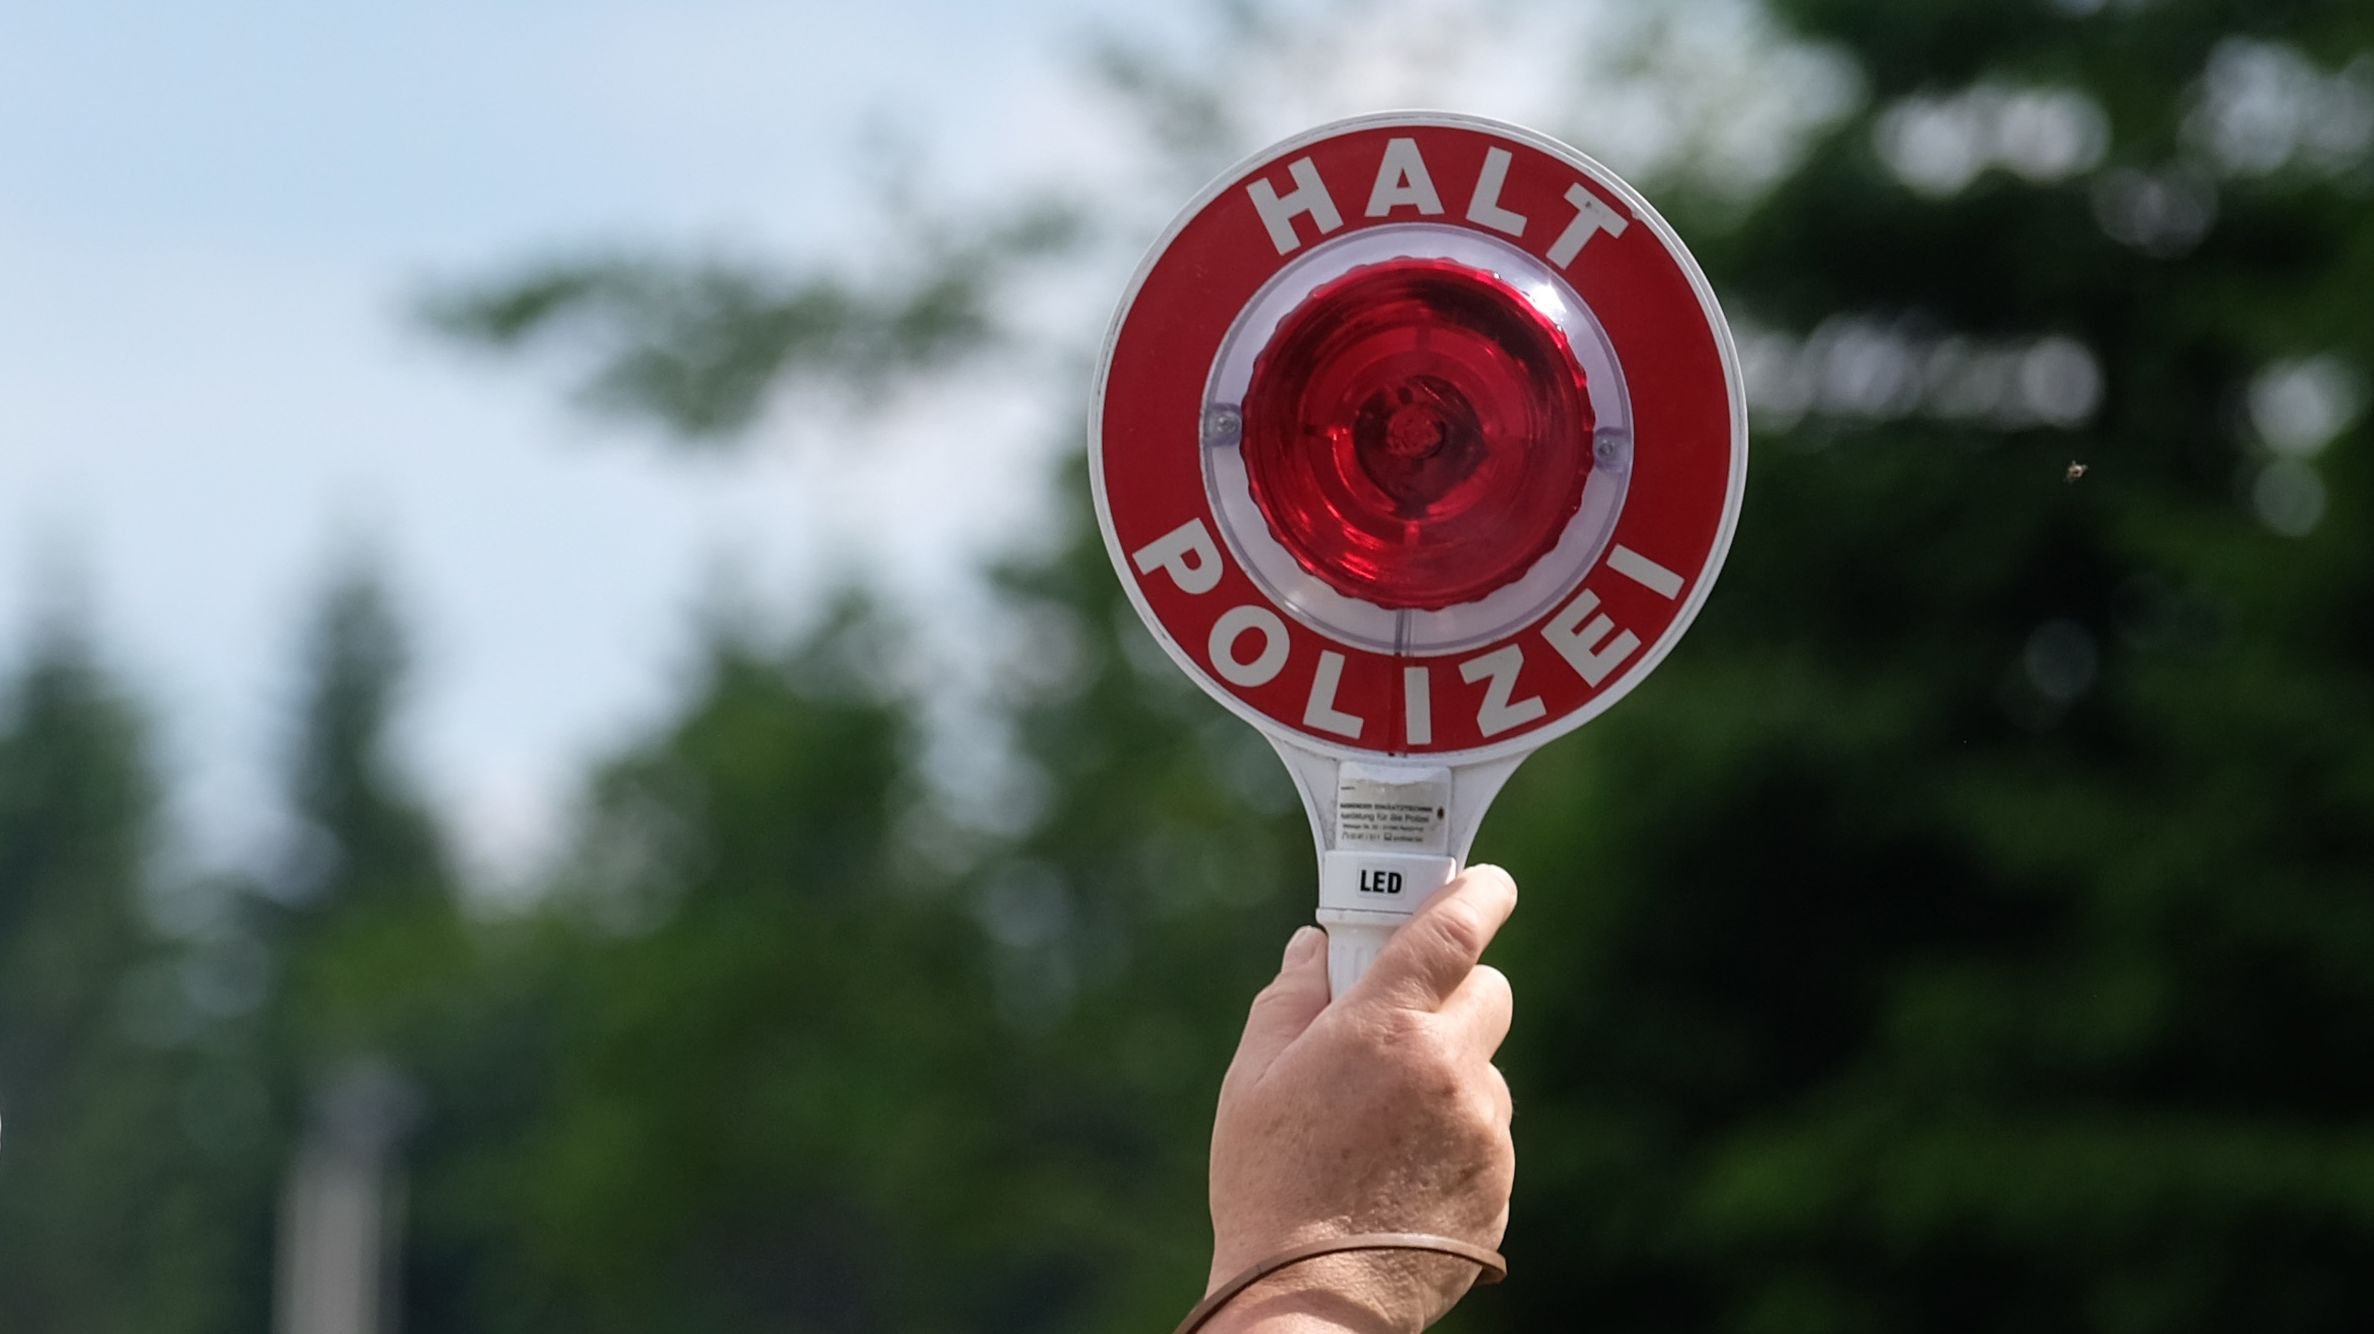 Ein Polizist hält eine rote Winkerkelle in die Höhe